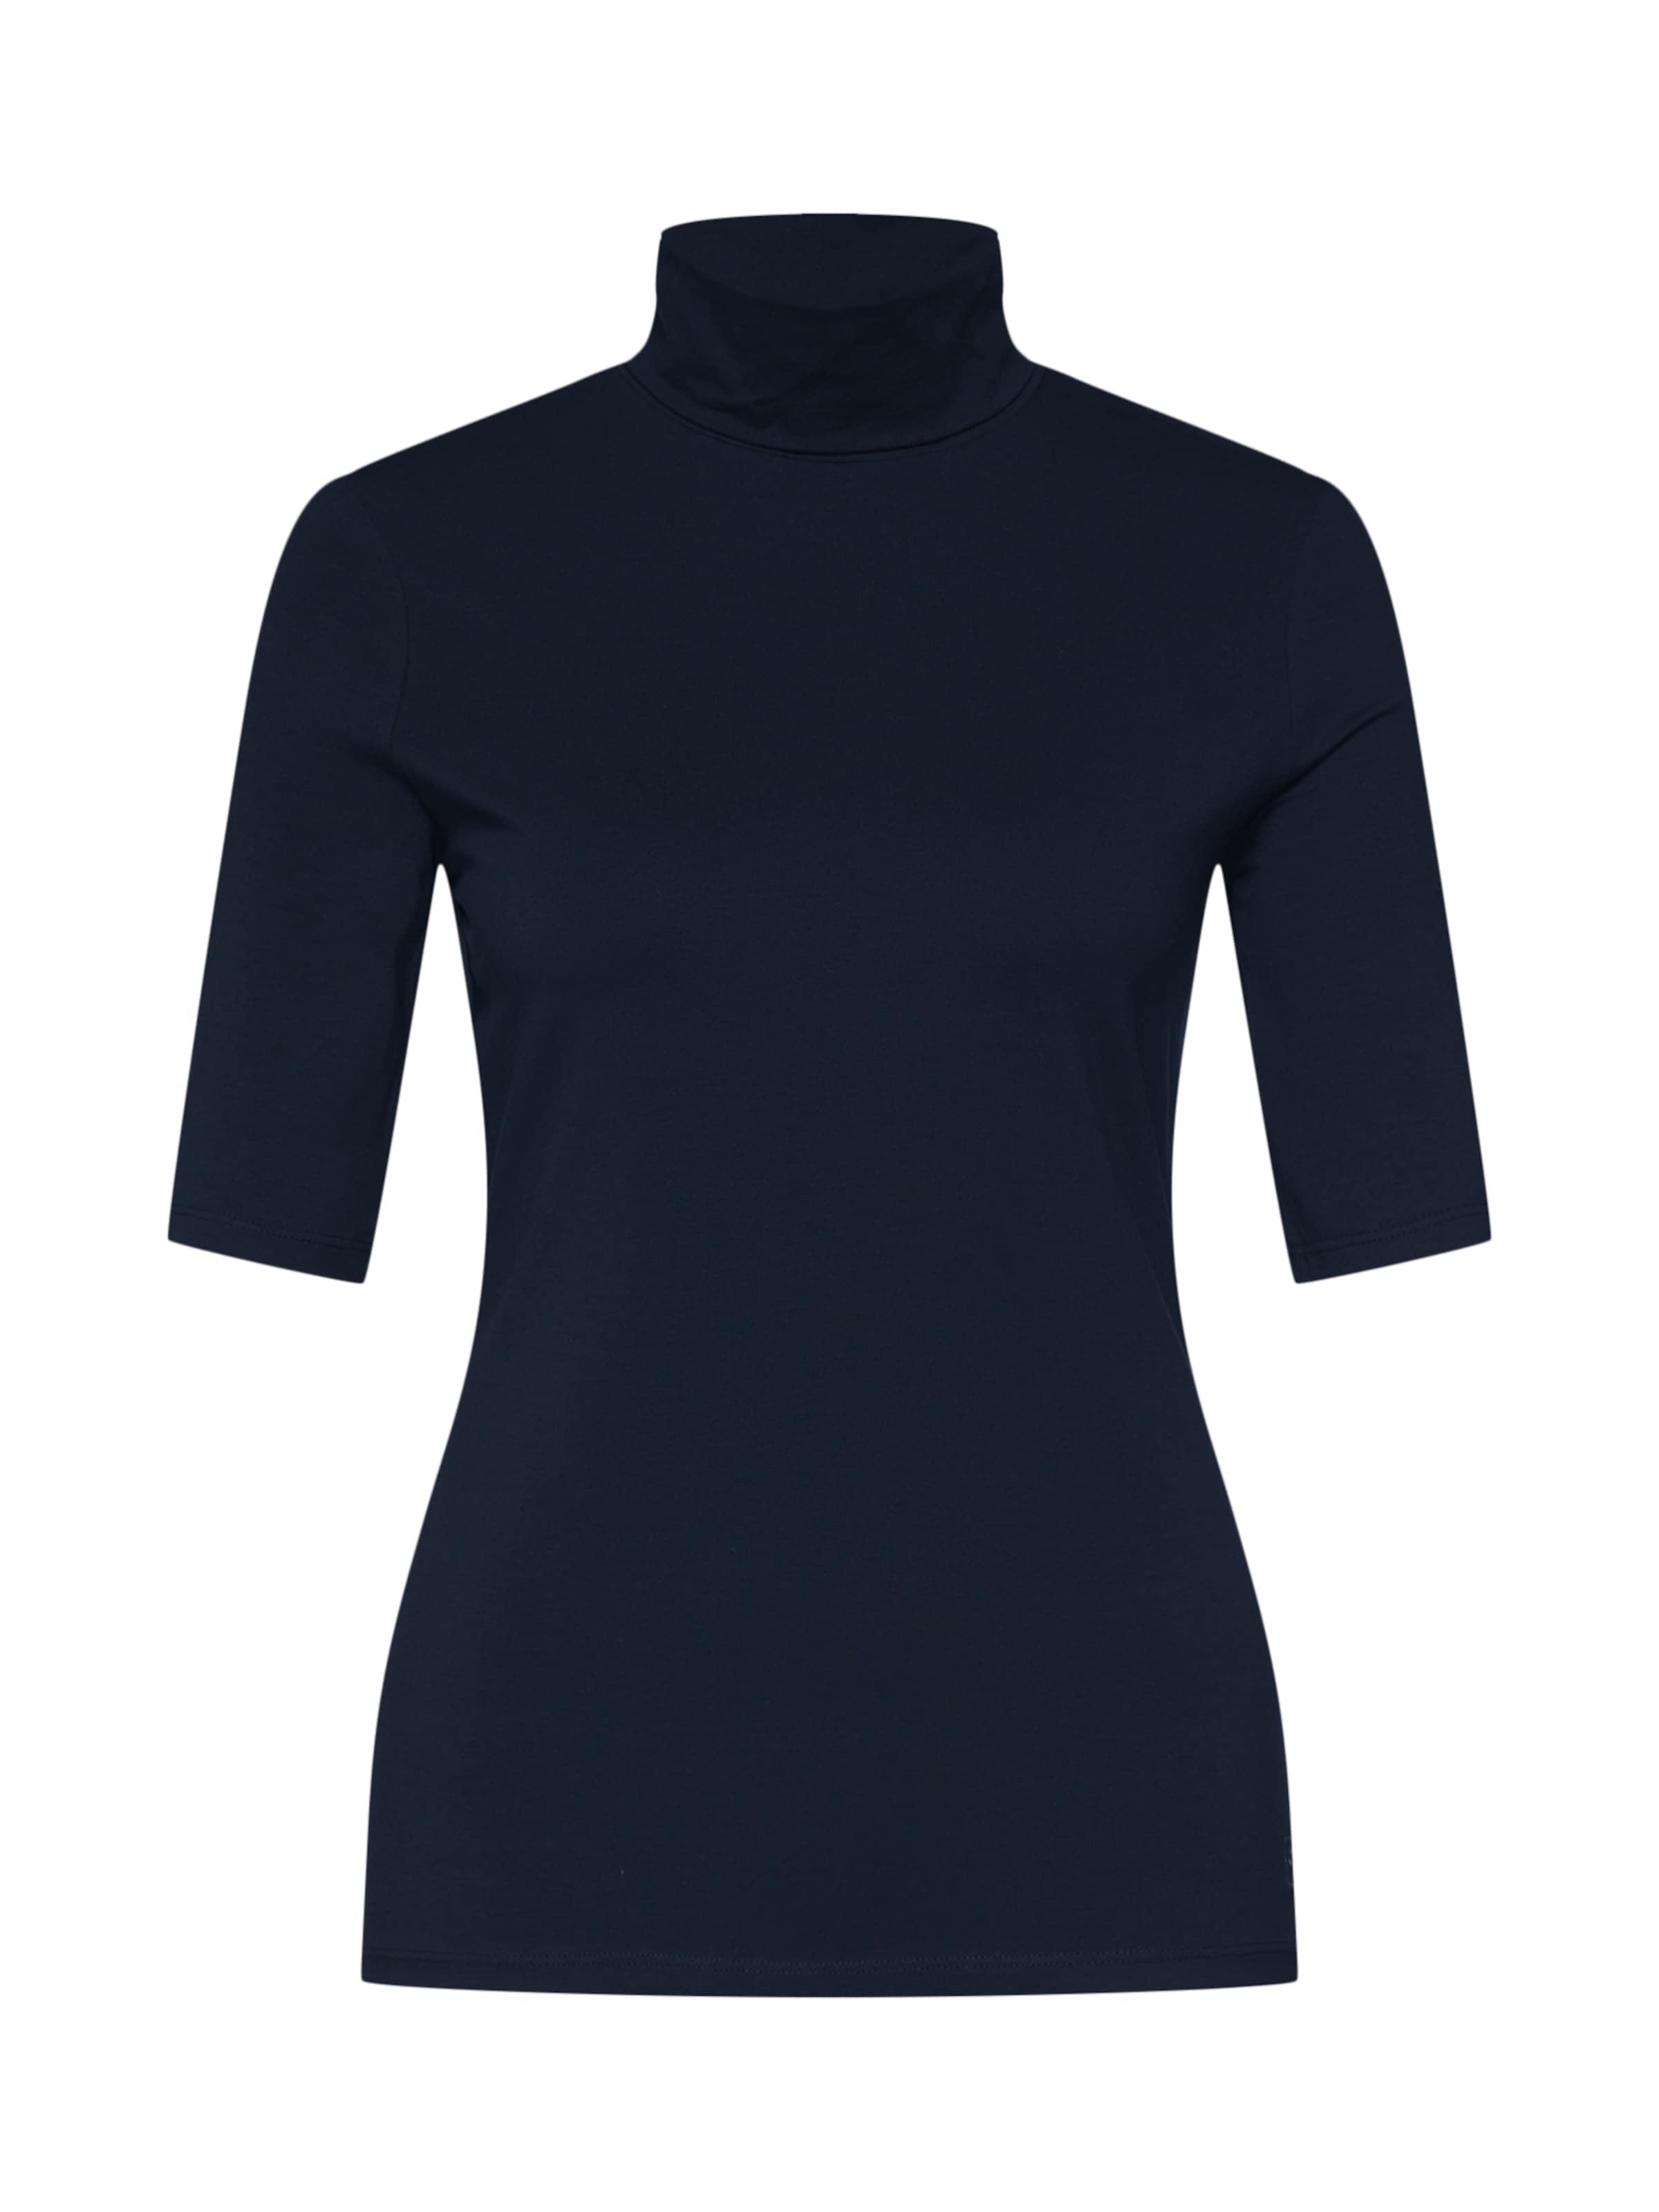 'flow' Esprit Edc Shirt In Schwarz By kiOPXZTu